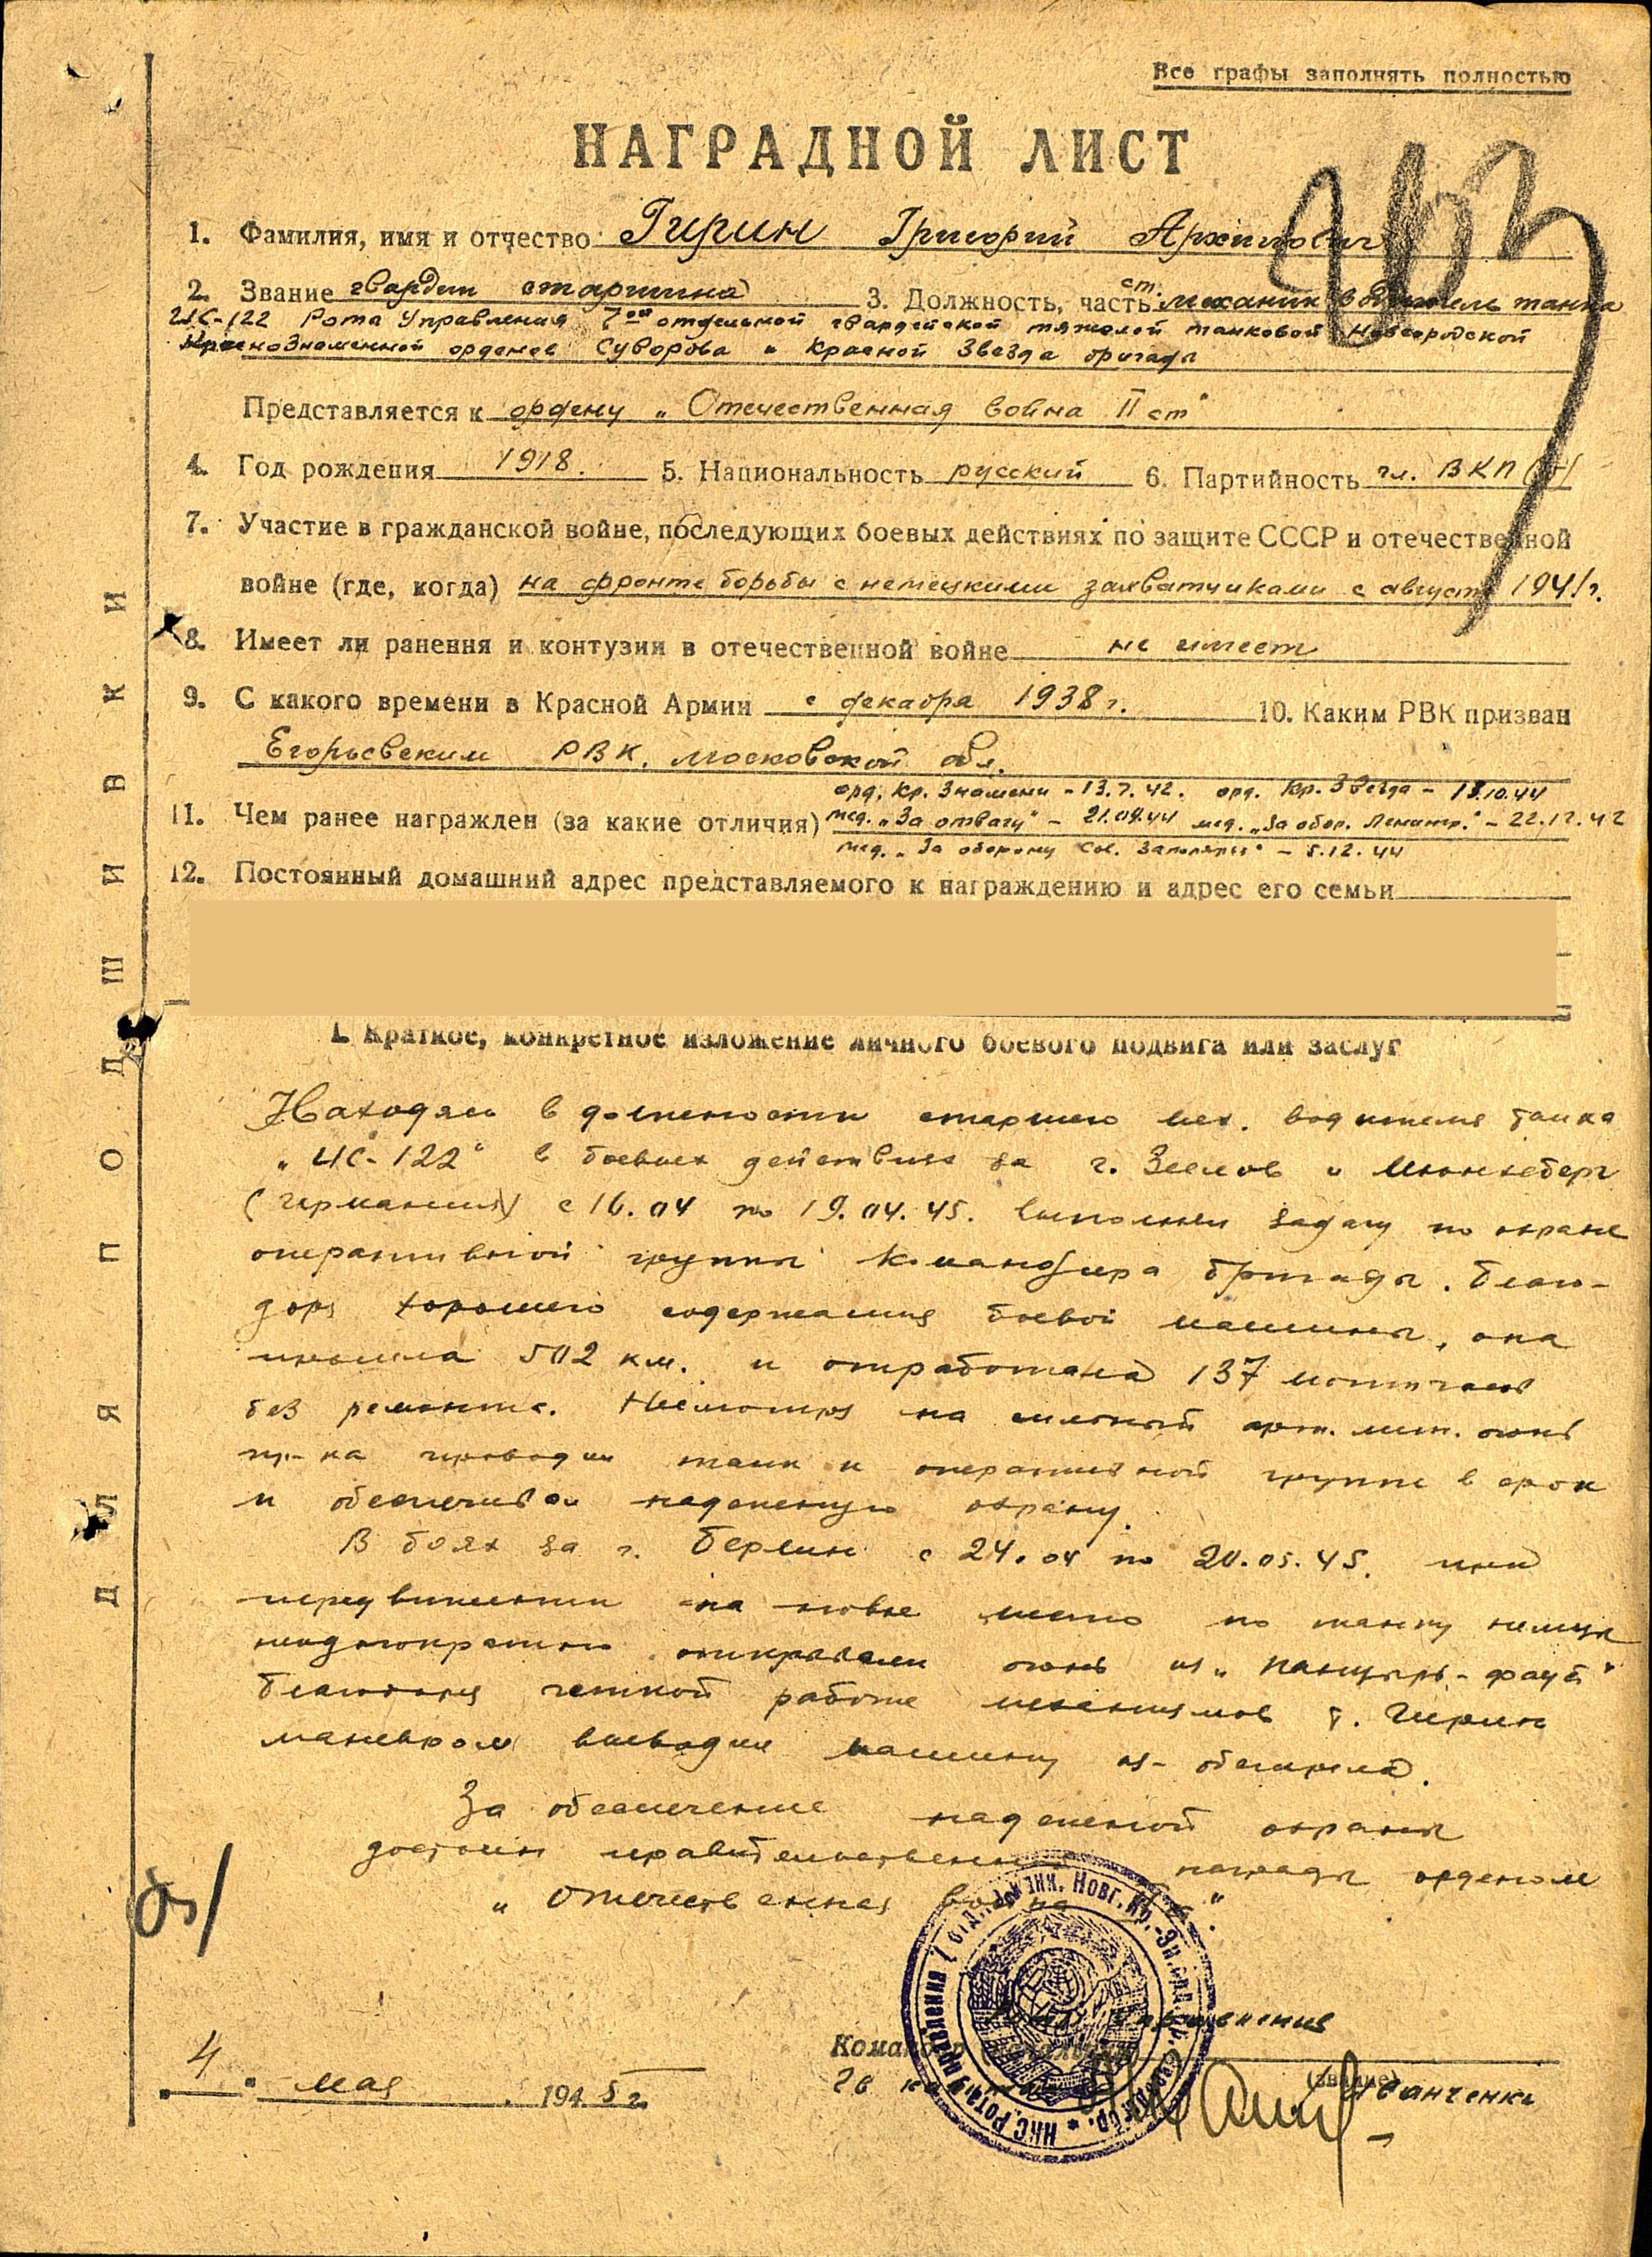 Наградной лист Гирина Г.А. Документ предоставлен Горюновой Е.